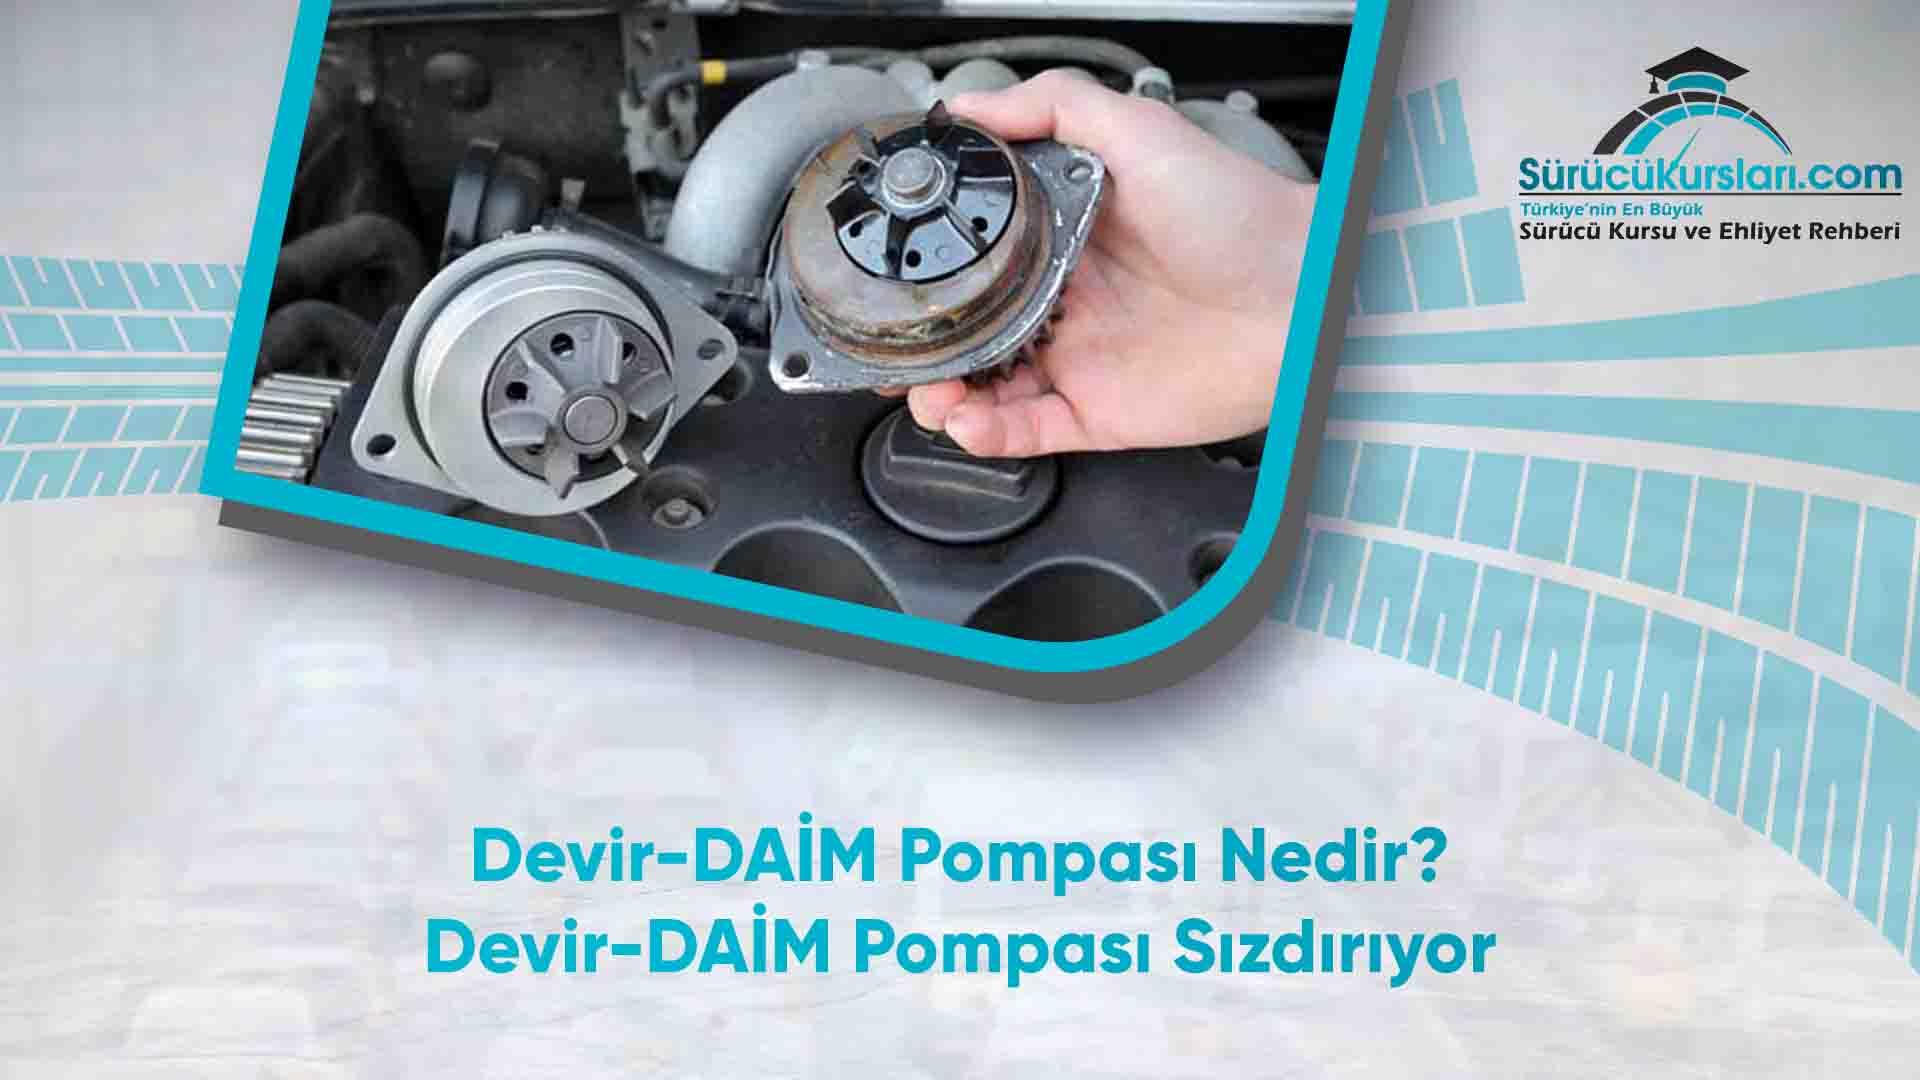 Devir-DAİM Pompası Nedir? Devir-DAİM Pompası Sızdırıyor - SürücüKursları.com